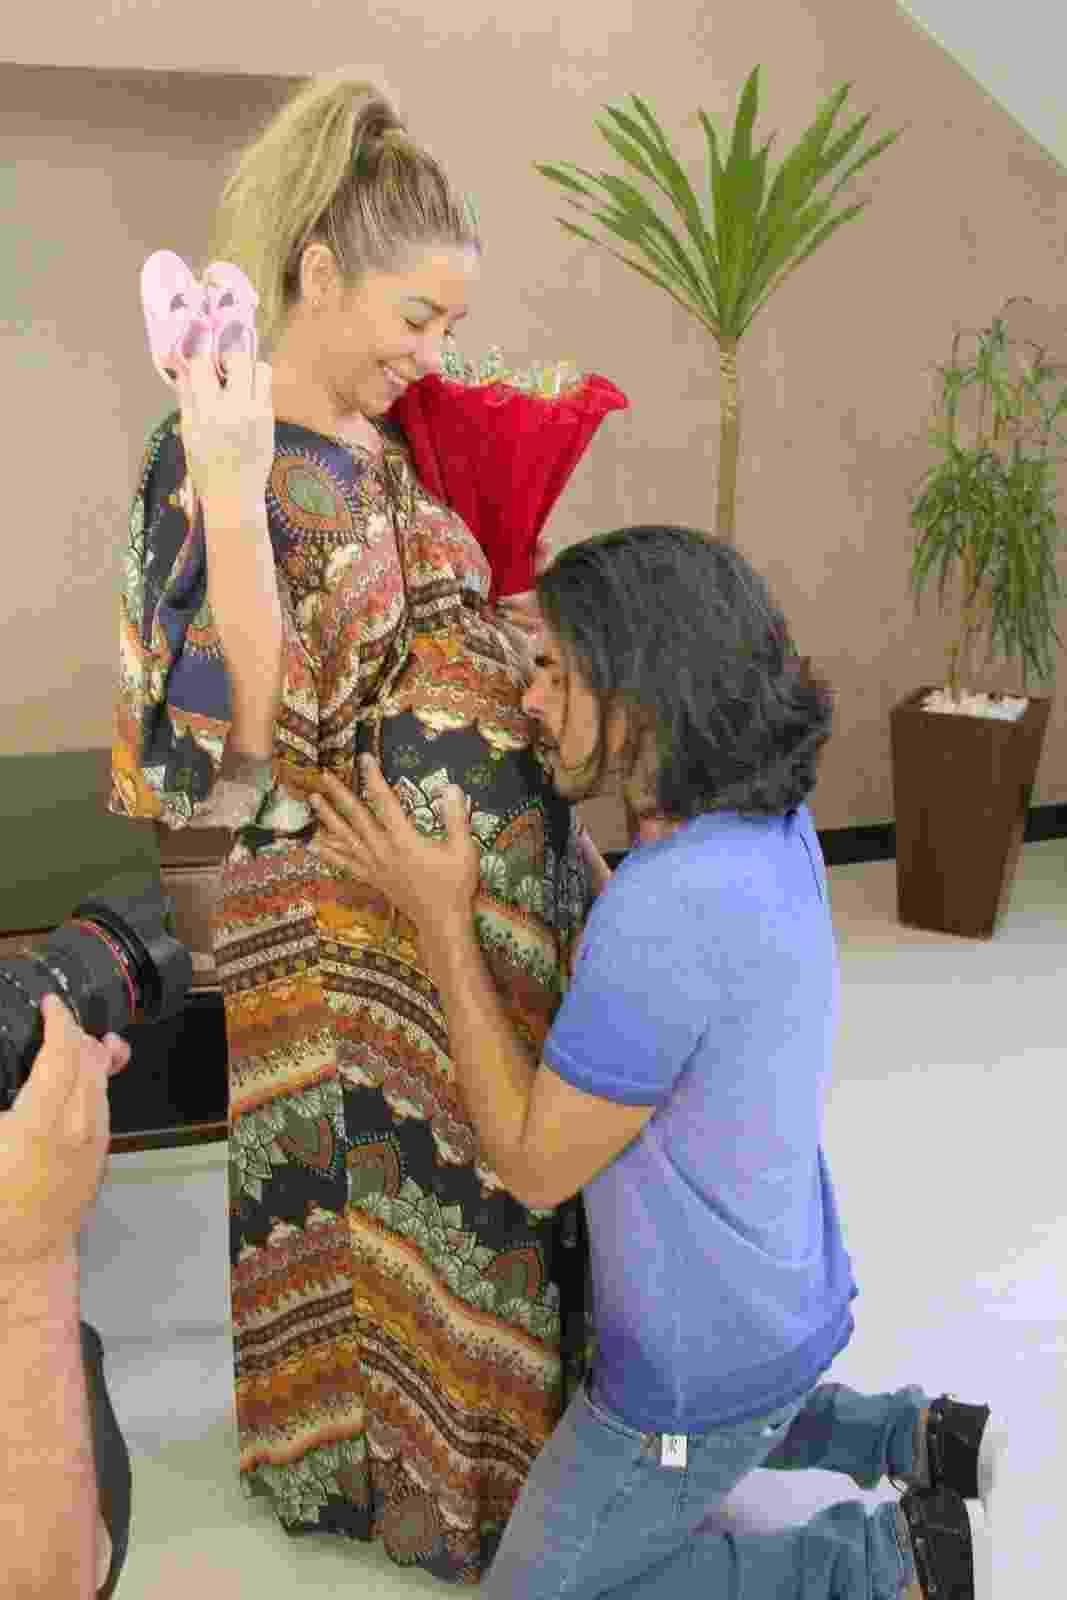 Danielle Winits apareceu grávida ao lado de André Gonçalves em um vídeoclipe. O casal interpretou os pais de uma menina que desaparece na adolescência e só volta na fase adulta. - Cleomir Tavares/Divulgação